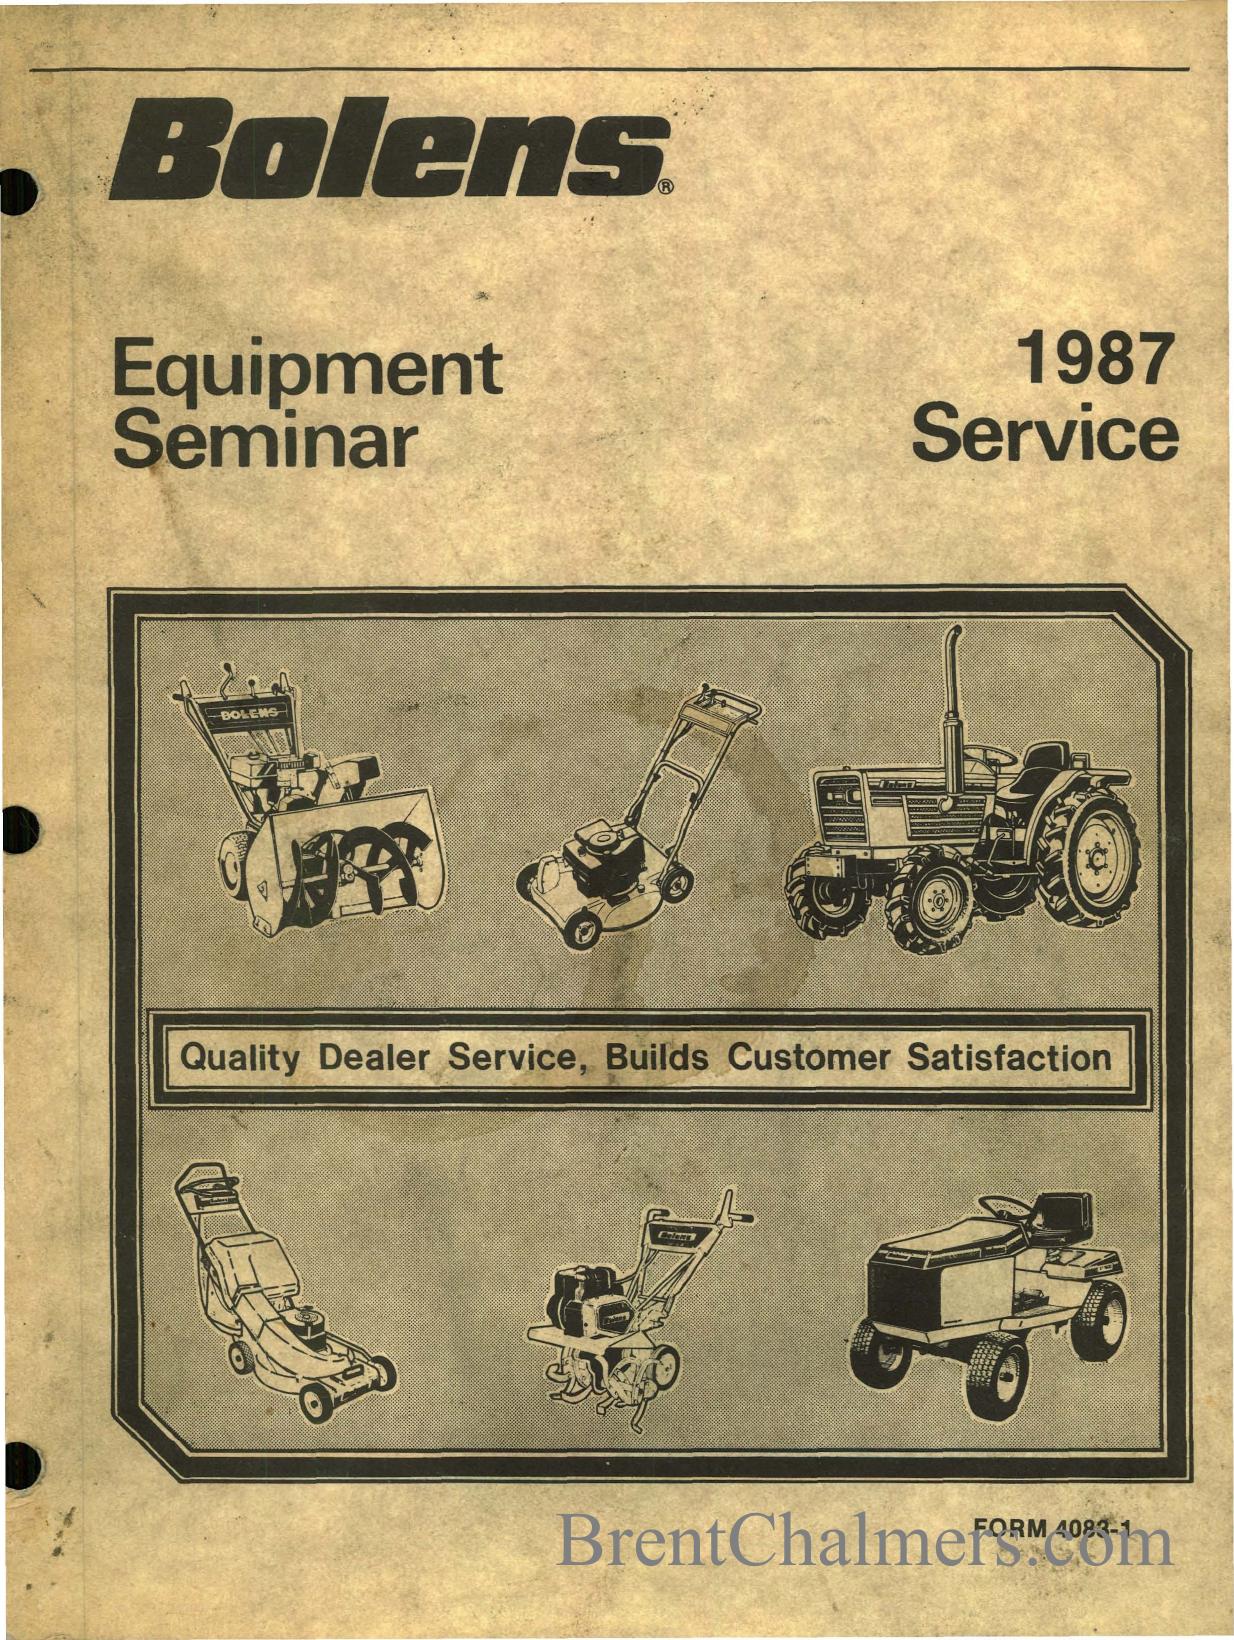 1987 BOLENS EQUIPMENT SERVICE SEMINAR on